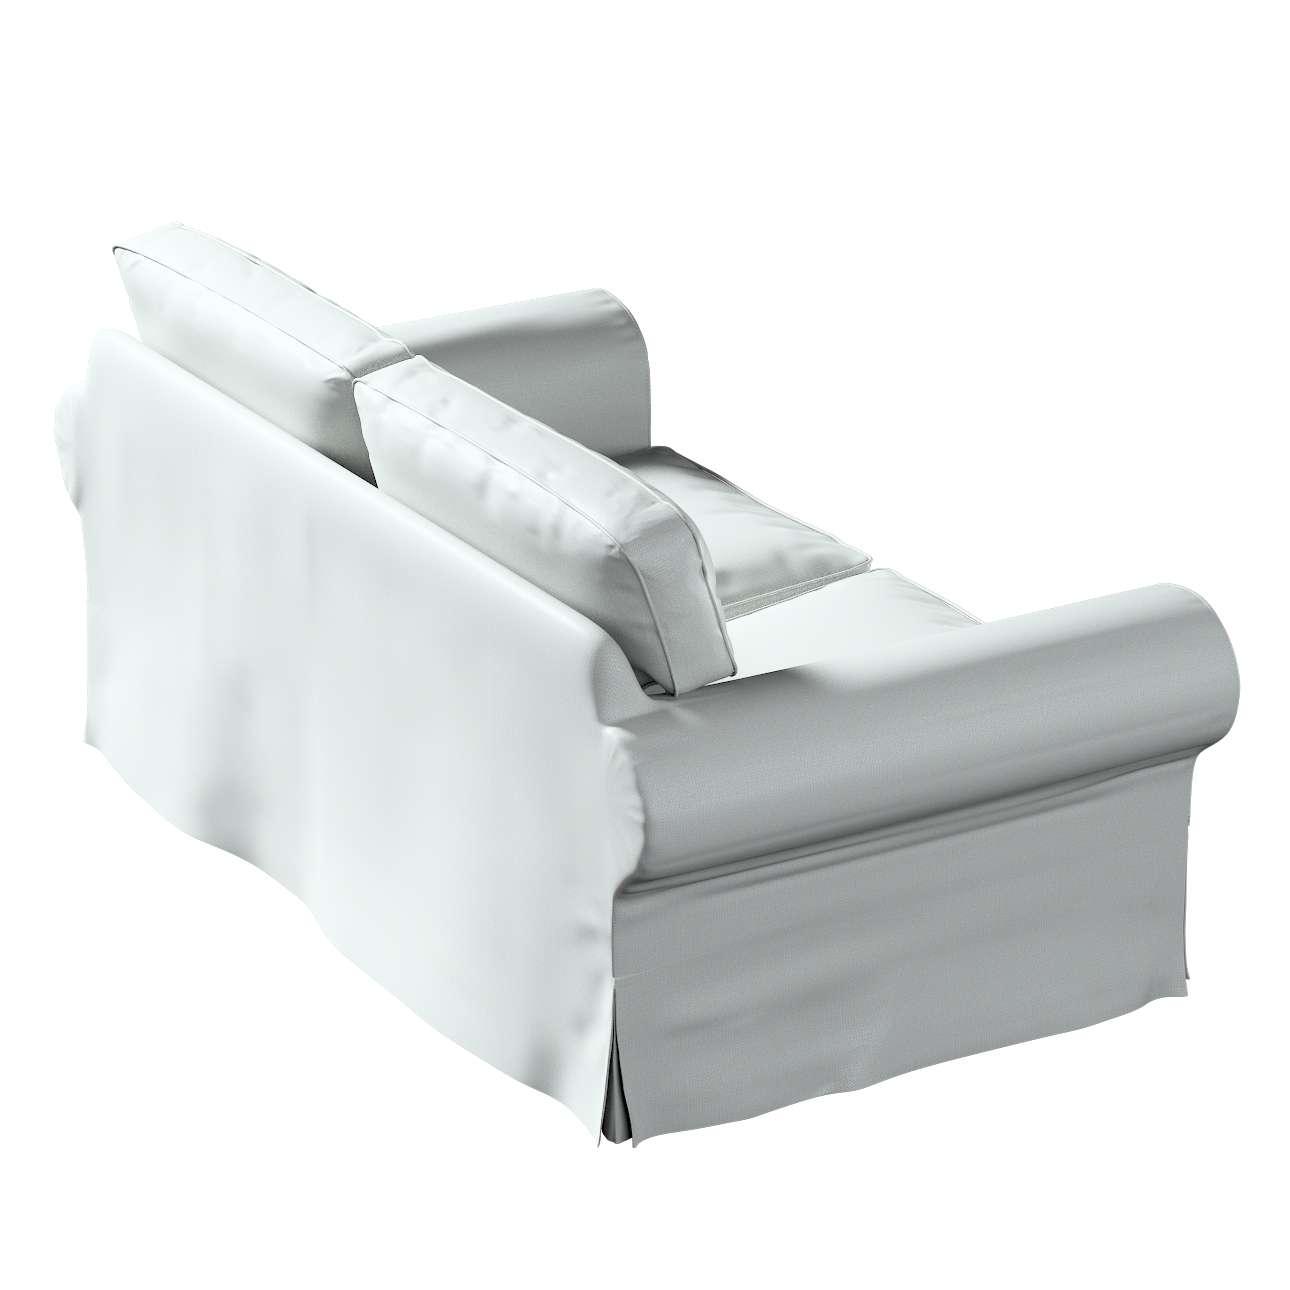 Bezug für Ektorp 2-Sitzer Schlafsofa NEUES Modell von der Kollektion Bergen, Stoff: 161-72